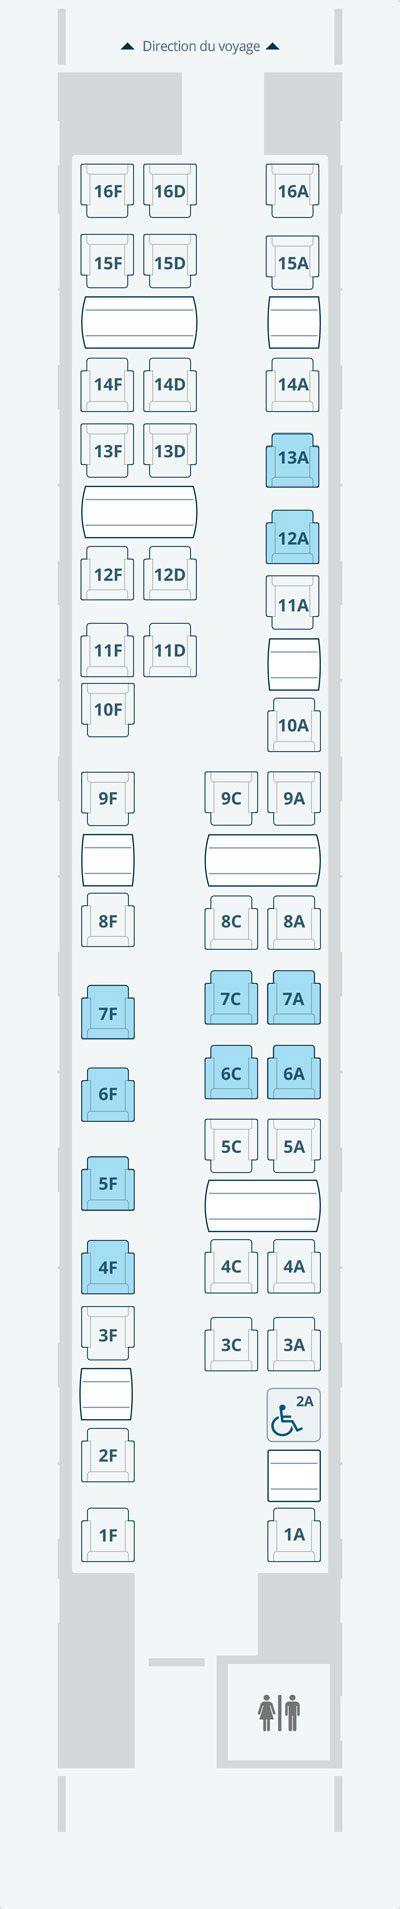 Diagramme des sièges en Première classe Acela